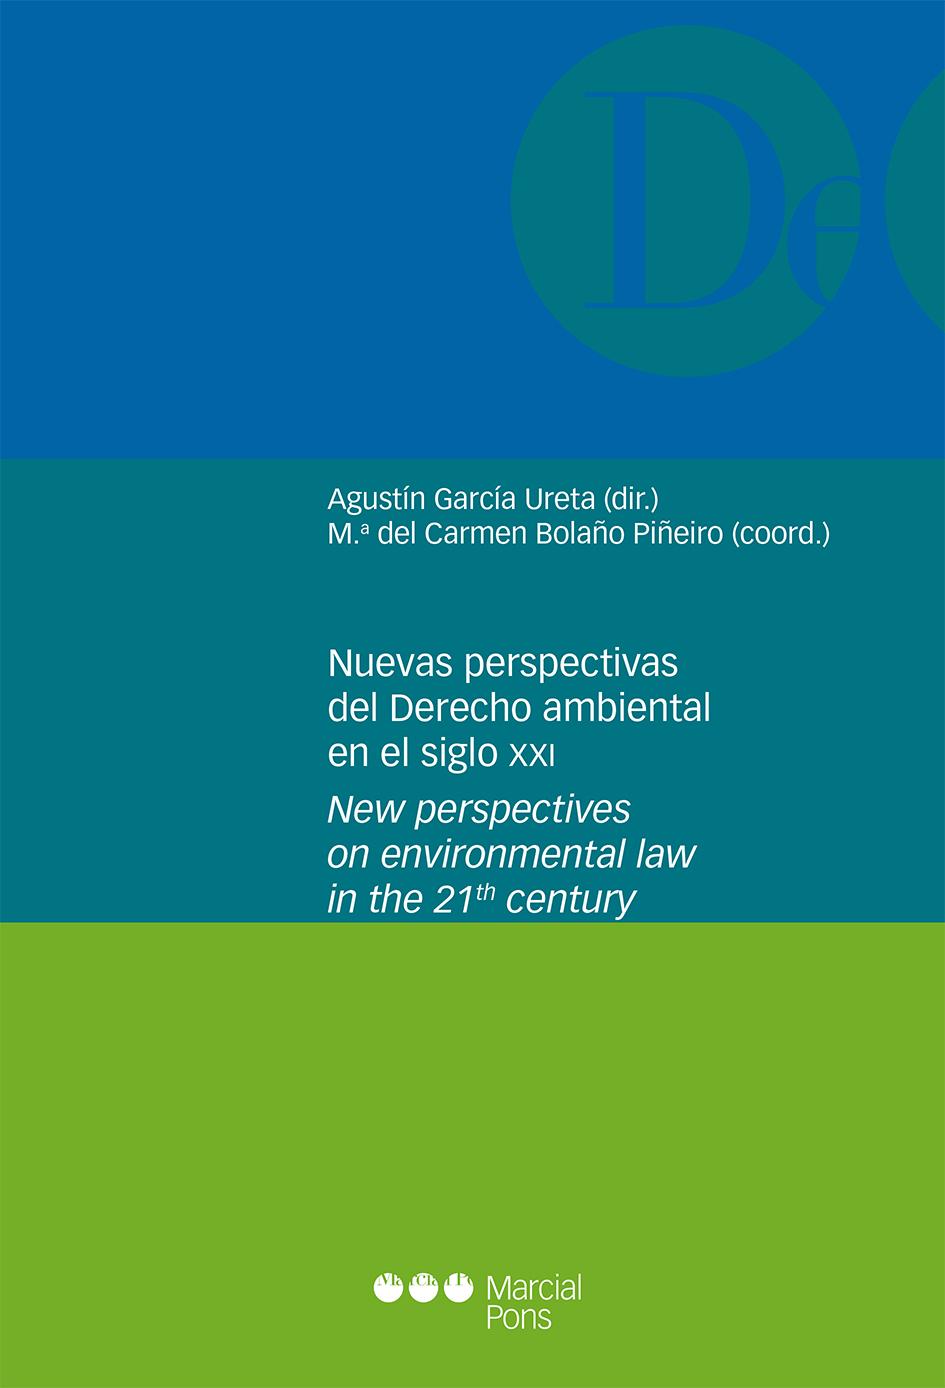 Nuevas perspectivas del Derecho ambiental en el siglo XXI = New perspectives on environmental law inthe 21st Century